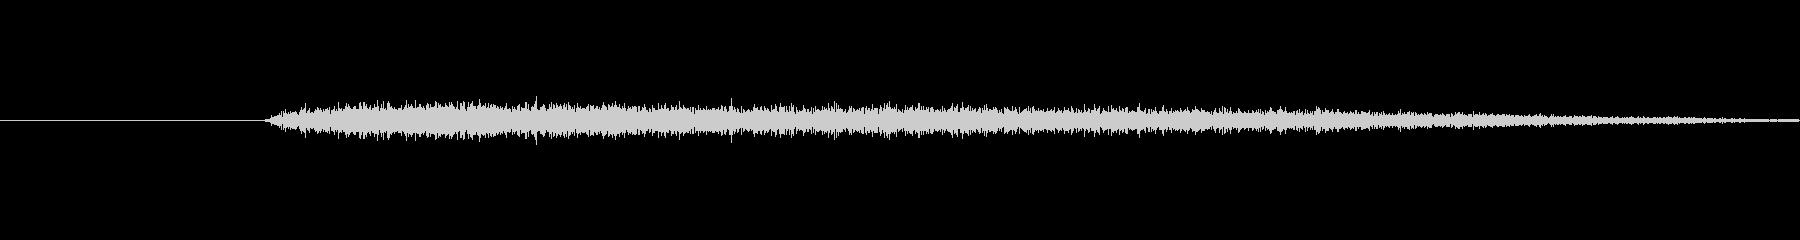 プシュッ(蒸気が漏れる音)の未再生の波形